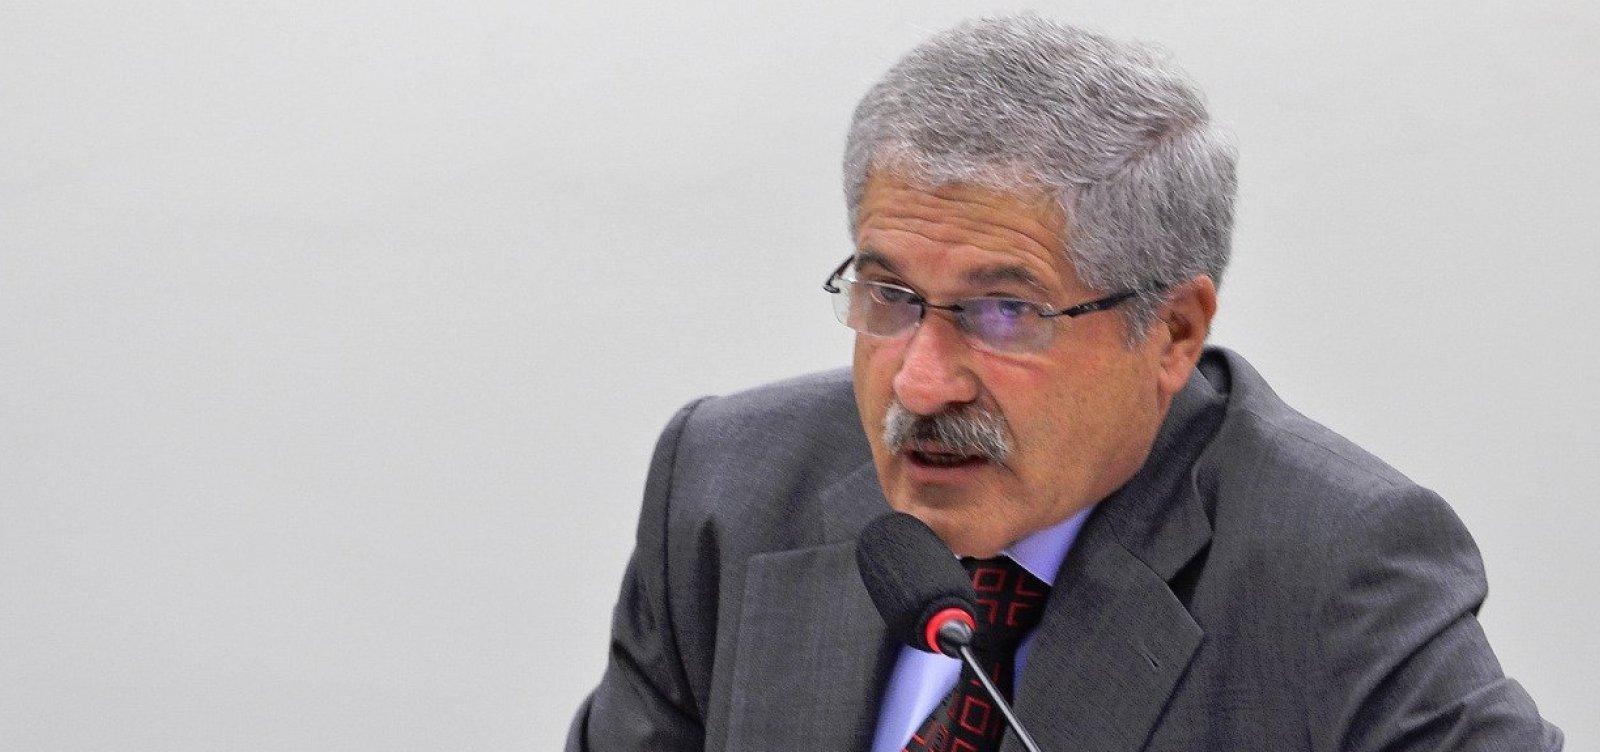 [Líder do PR diz que Alckmin não decola por falta de 'contato com o povo']